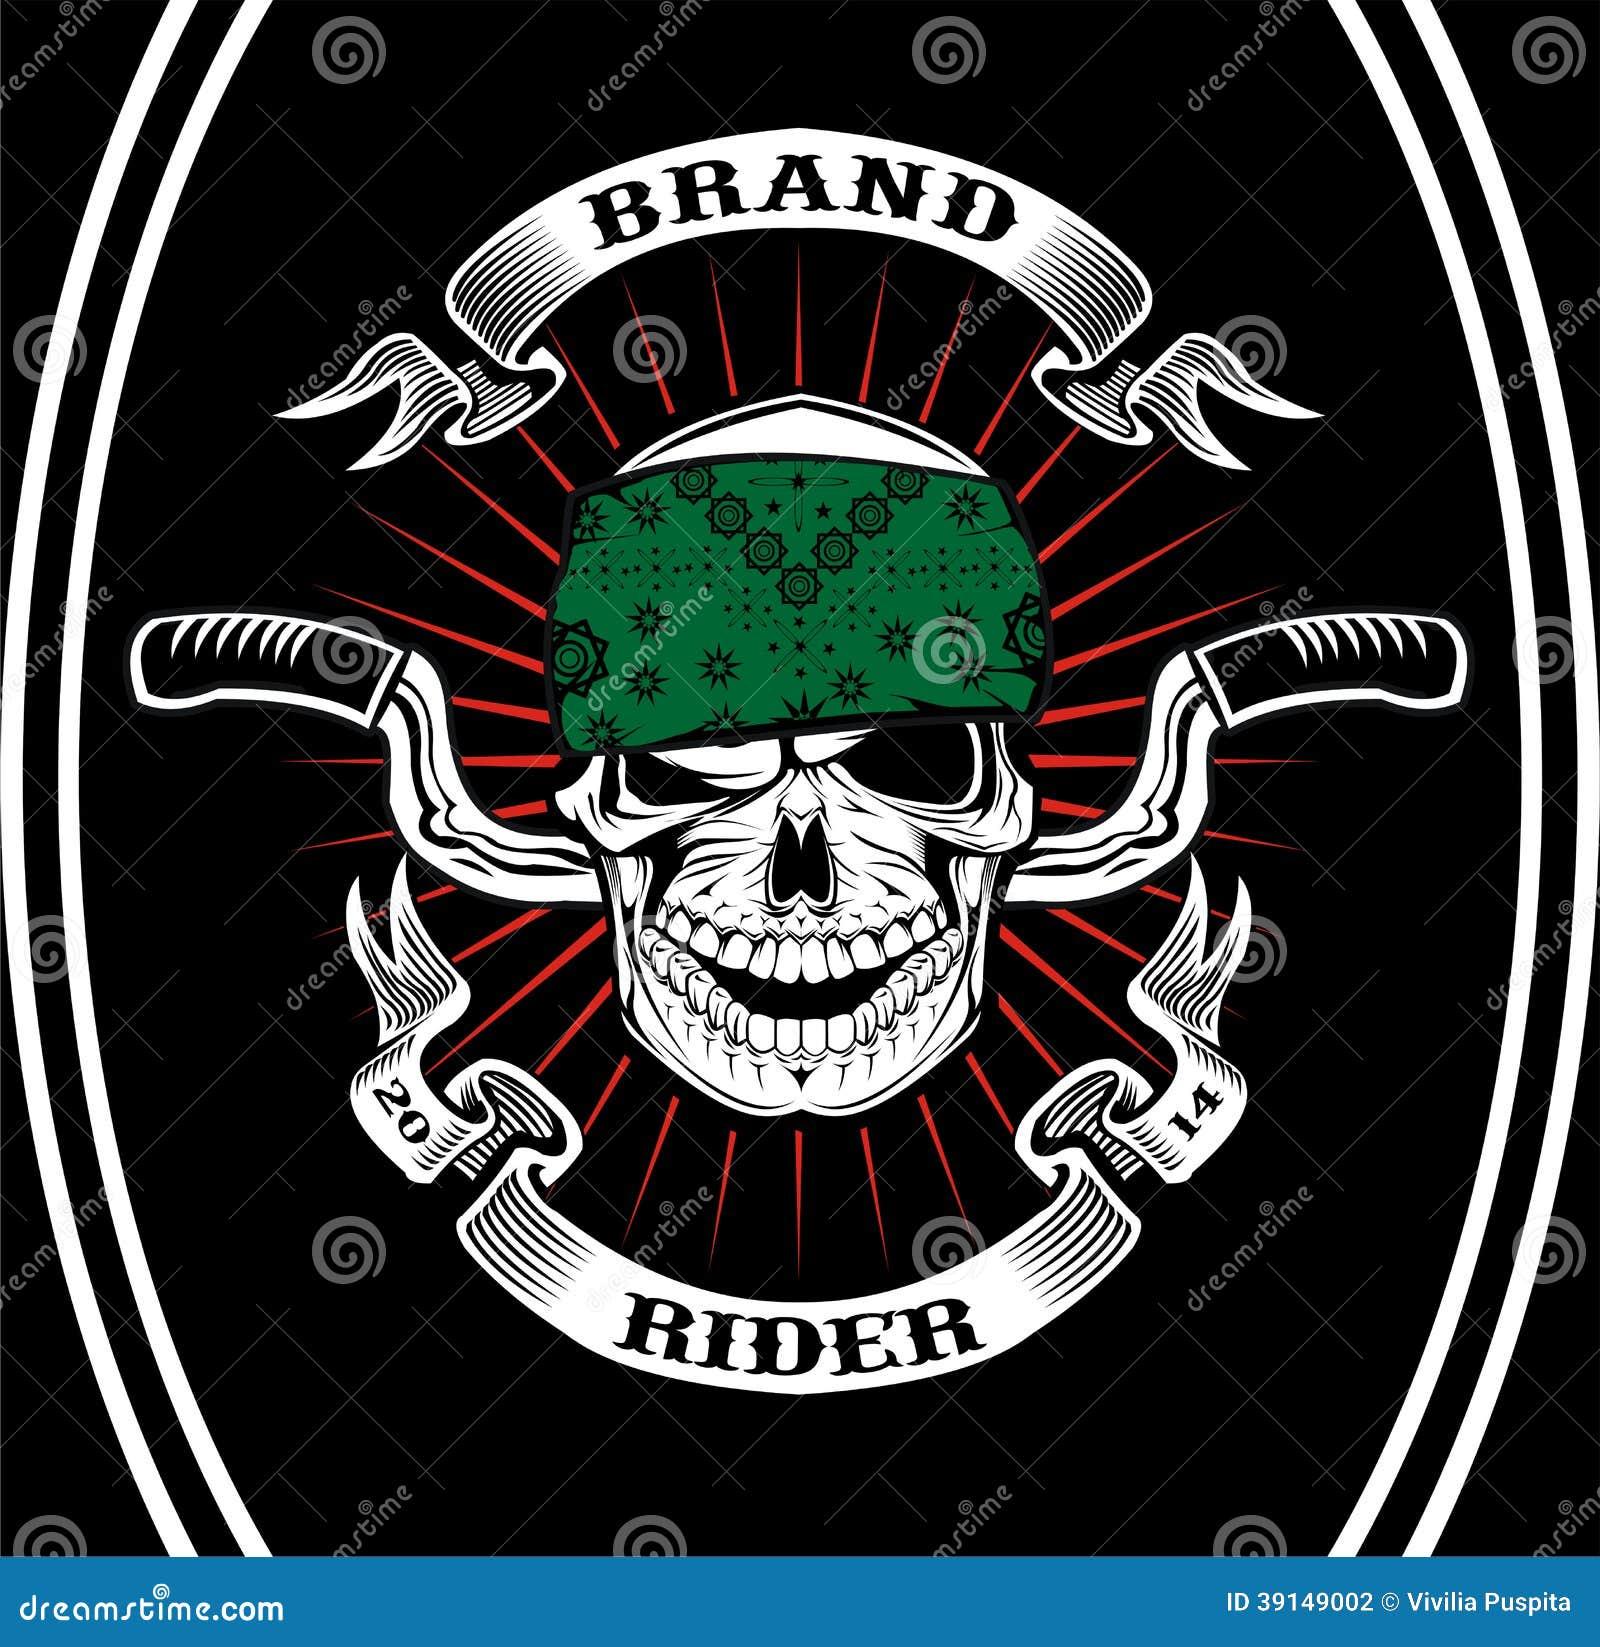 Art Unlimited Sportswear: Skull Biker Rider Stock Illustration